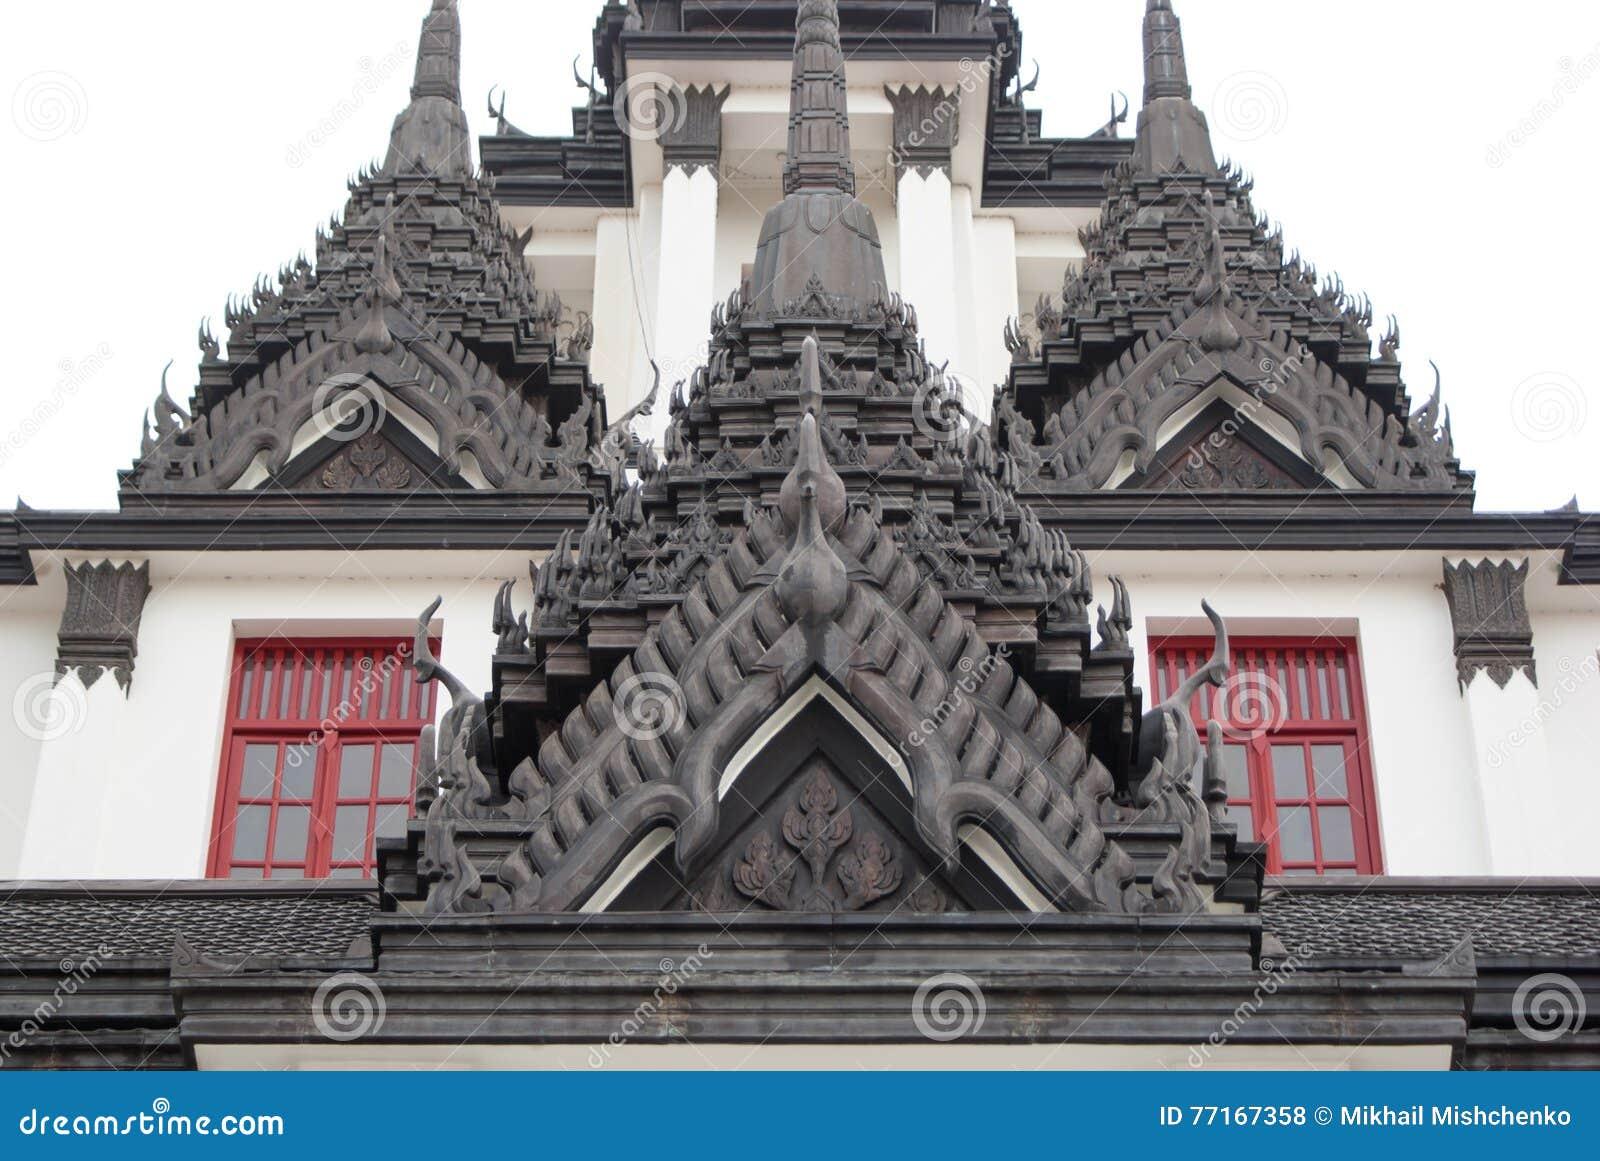 Сarved oriental buildings in Bangkok temple